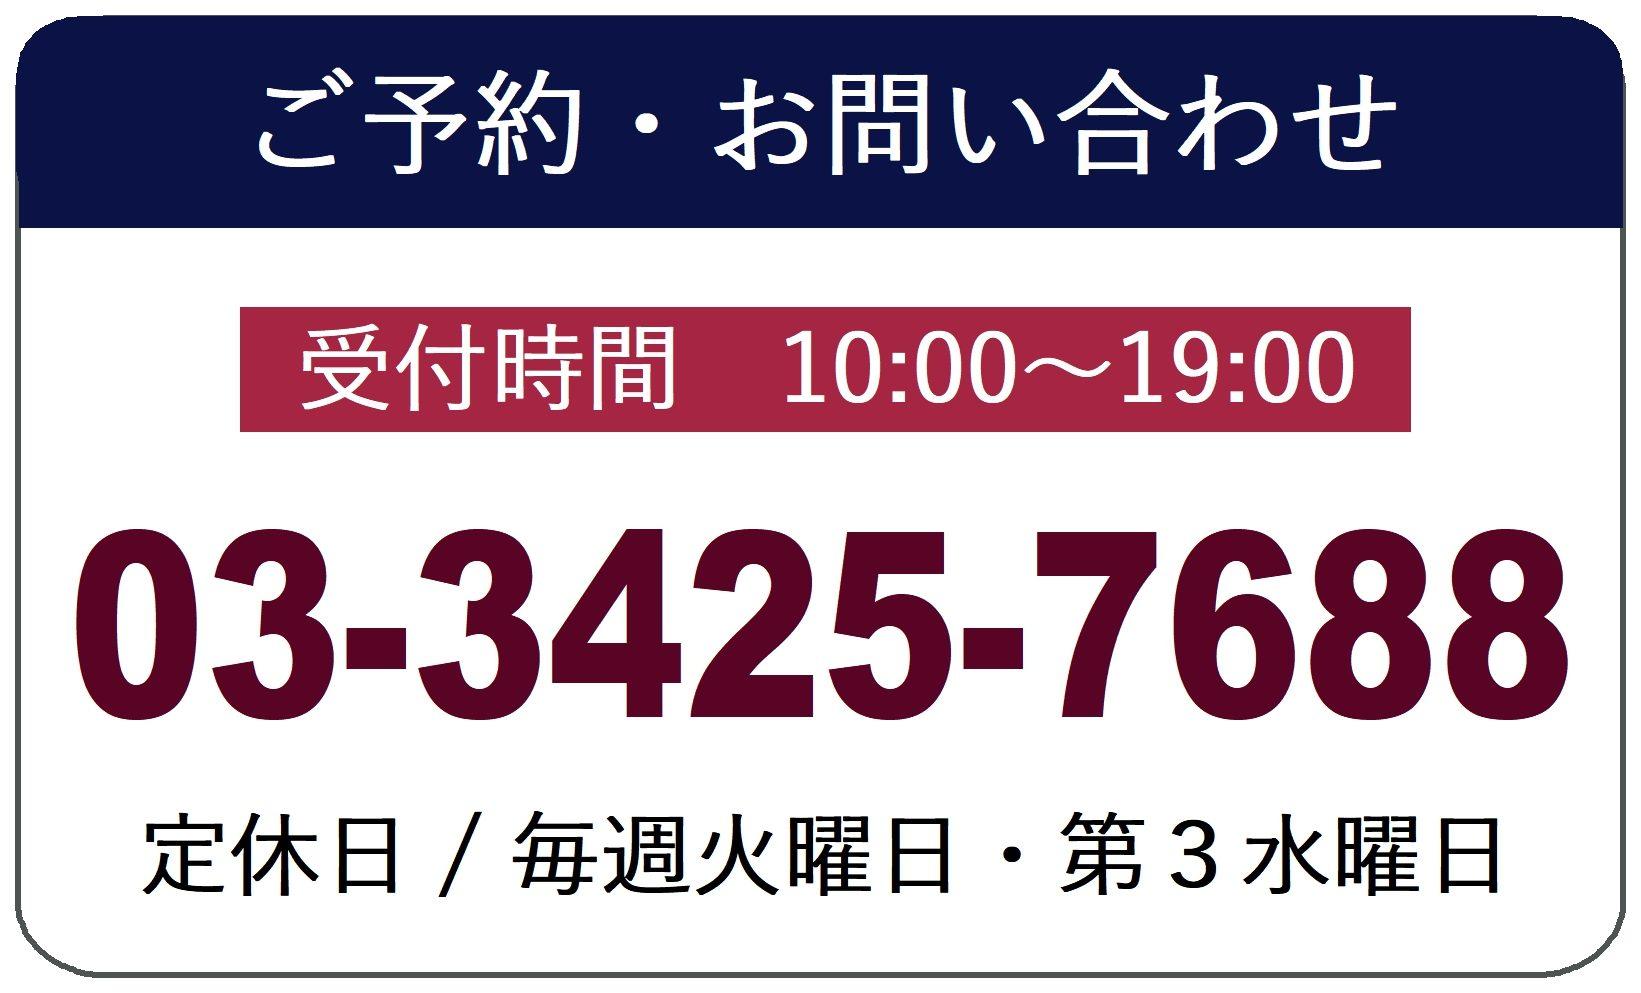 美容室J-walk電話番号